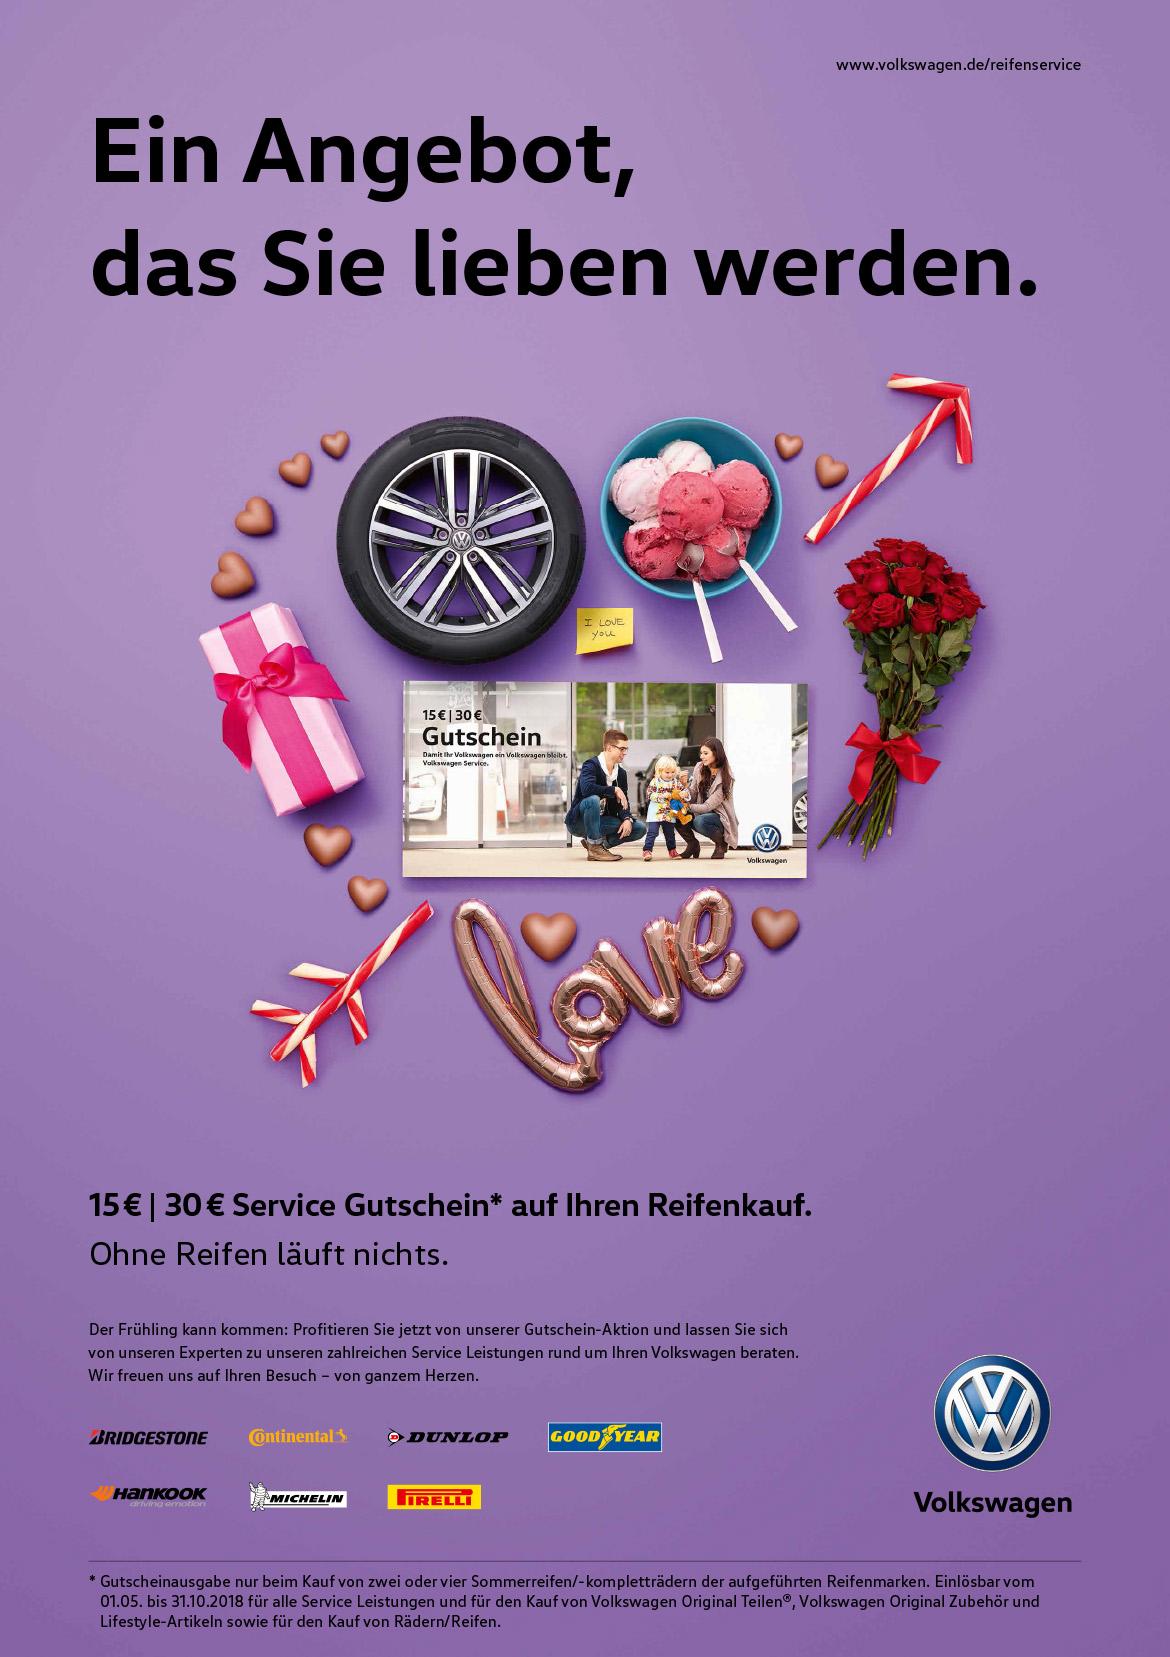 bernd westphal_VW_Raeder_heard